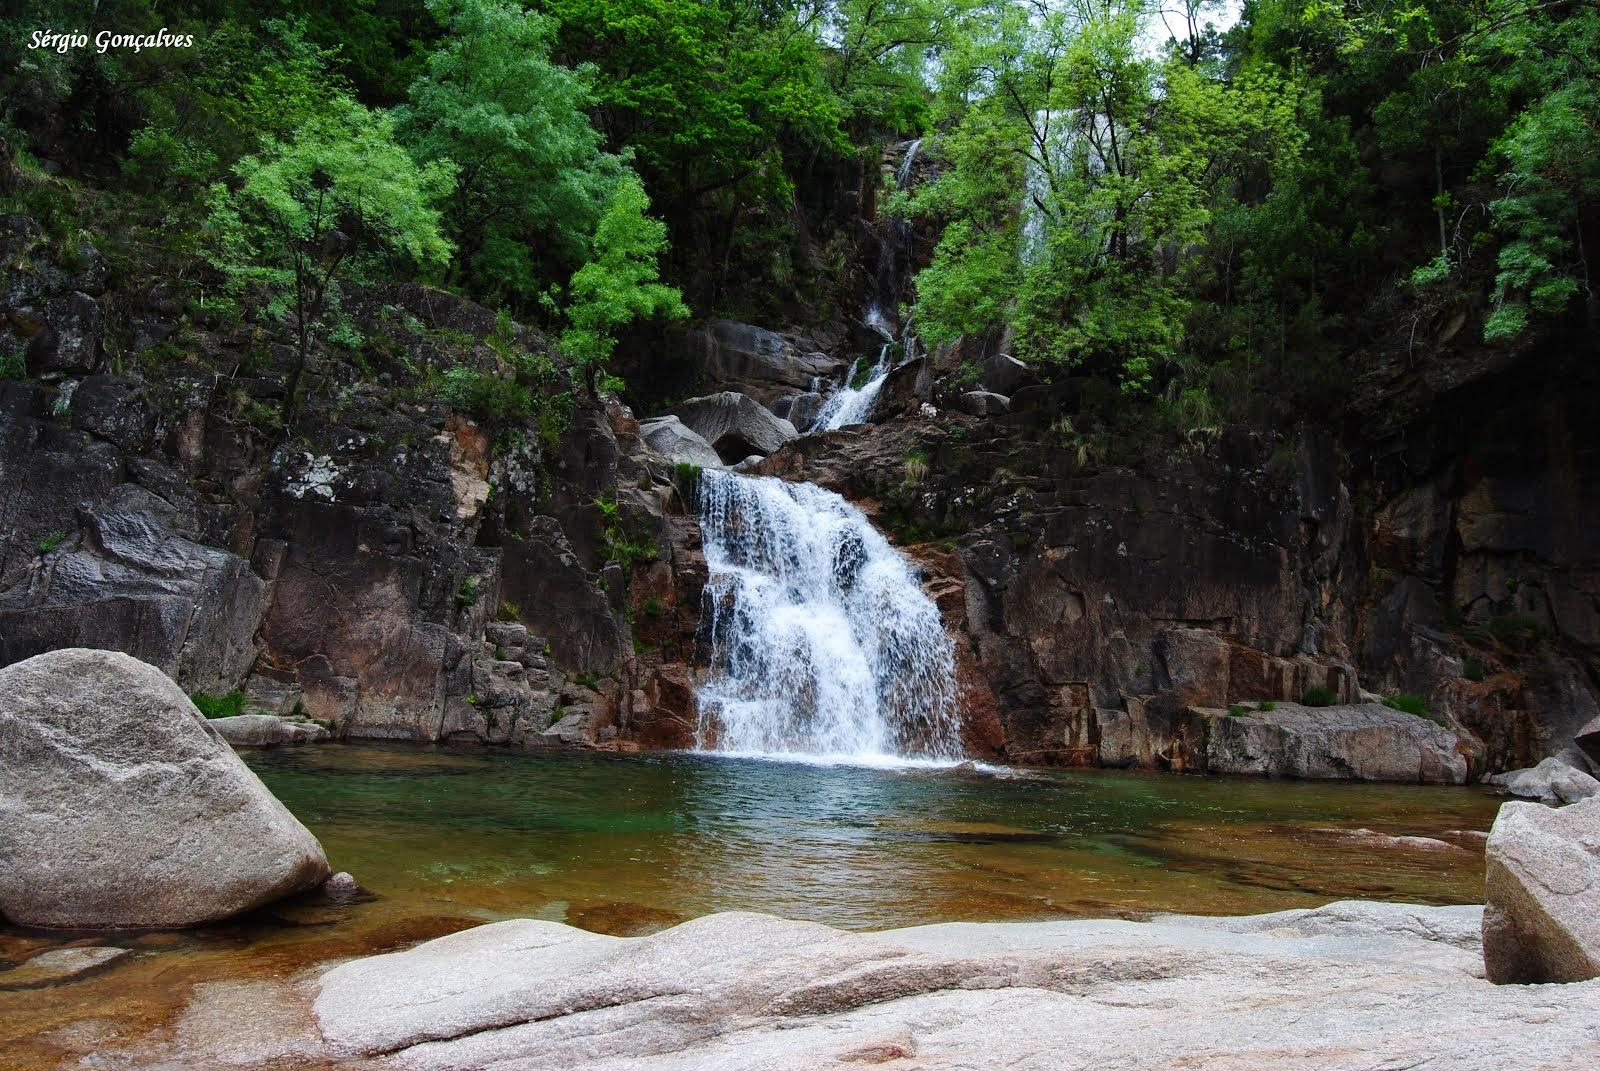 Fecha das Barjas, mais conhecida como cascata do Taiti